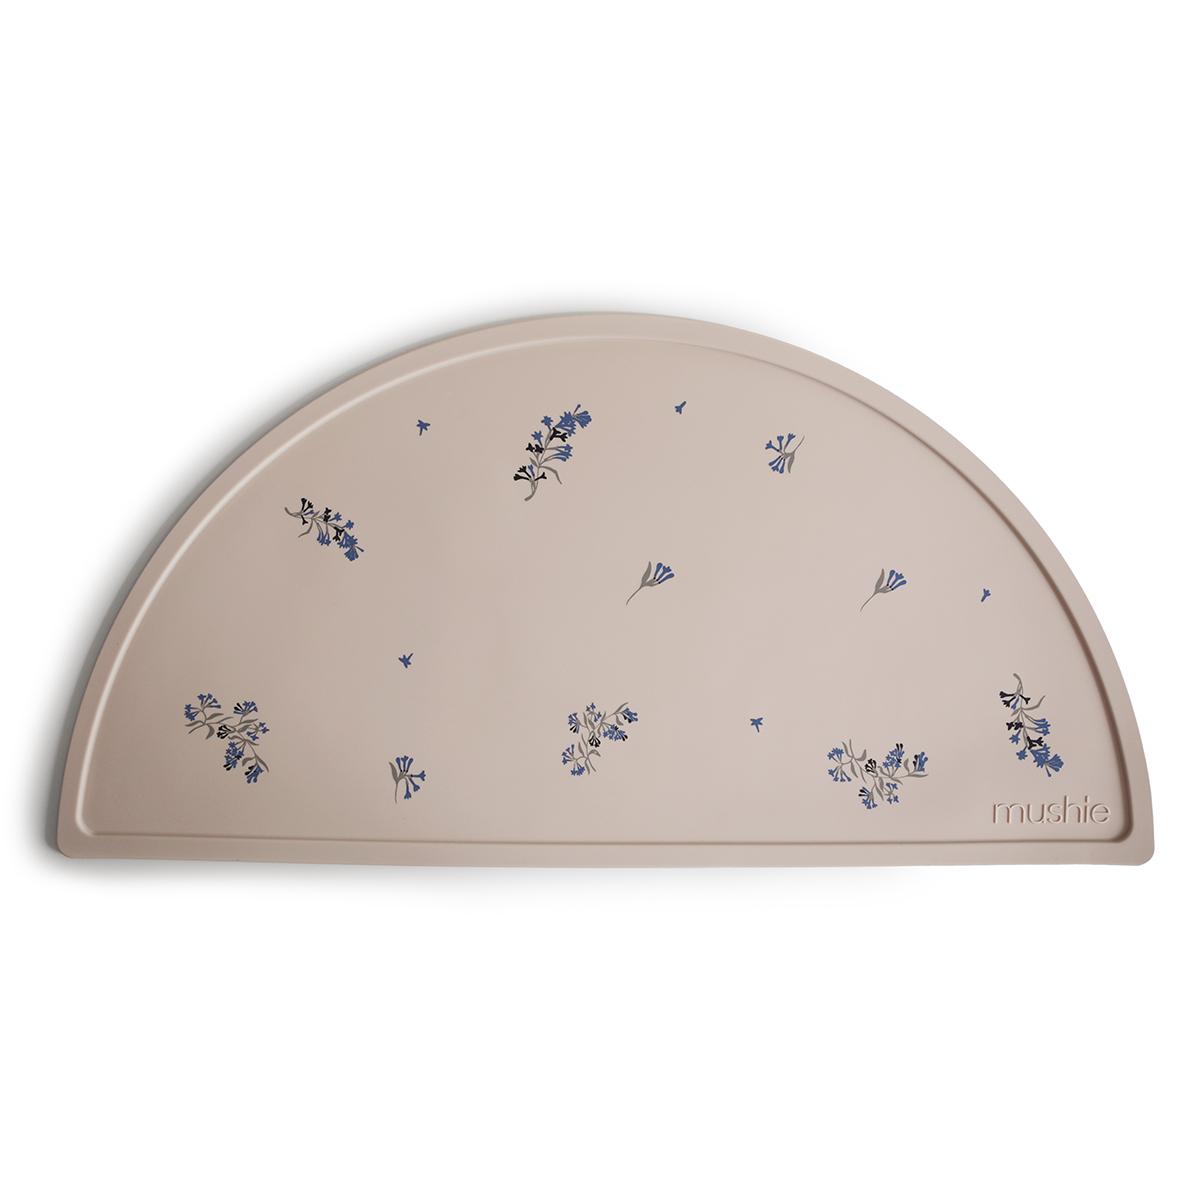 Vaisselle & Couvert Set de Table Mushie - Beige et Fleurs de Lilas Set de Table Mushie - Beige et Fleurs de Lilas